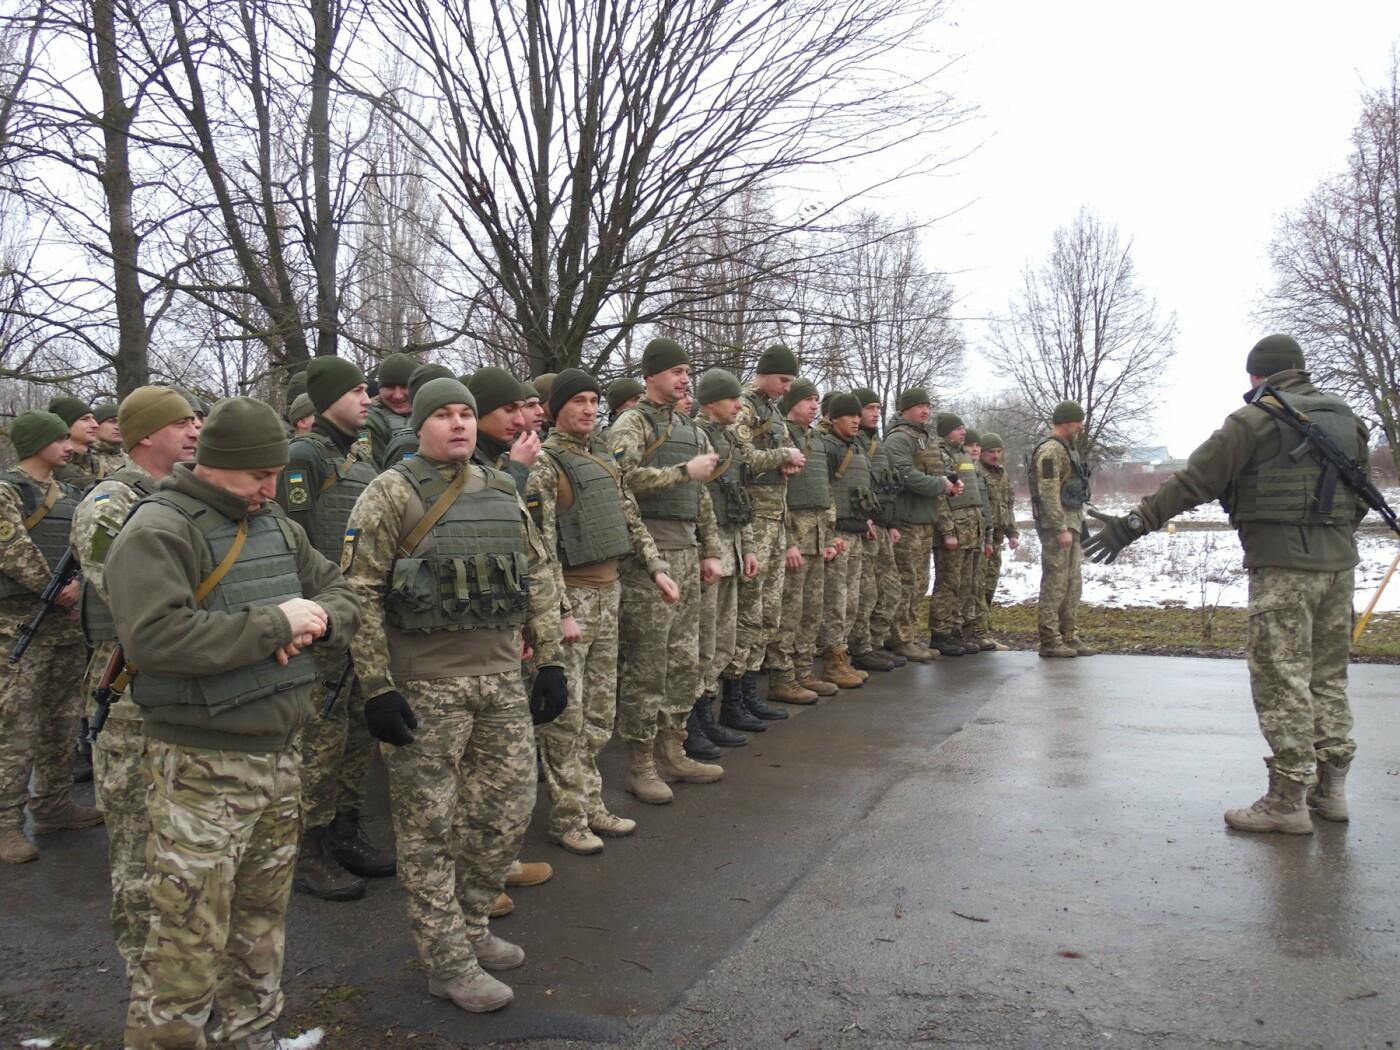 Марш-кидок на 5 км від Центру розмінування в День Збройних Сил України, фото-5